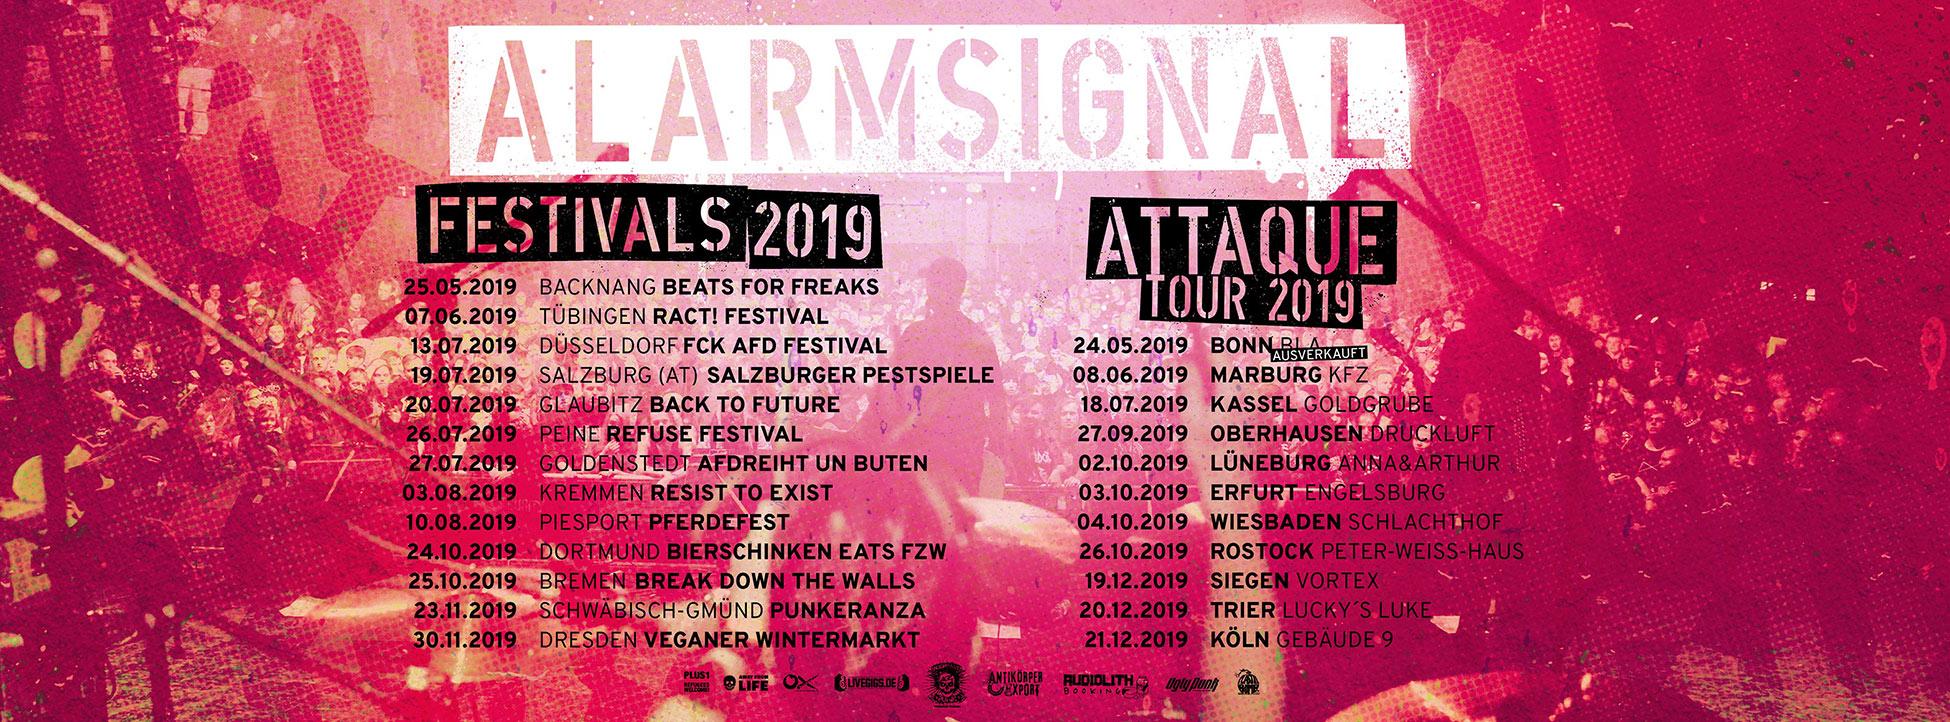 Alarmsignal - Attaque Tour 2019